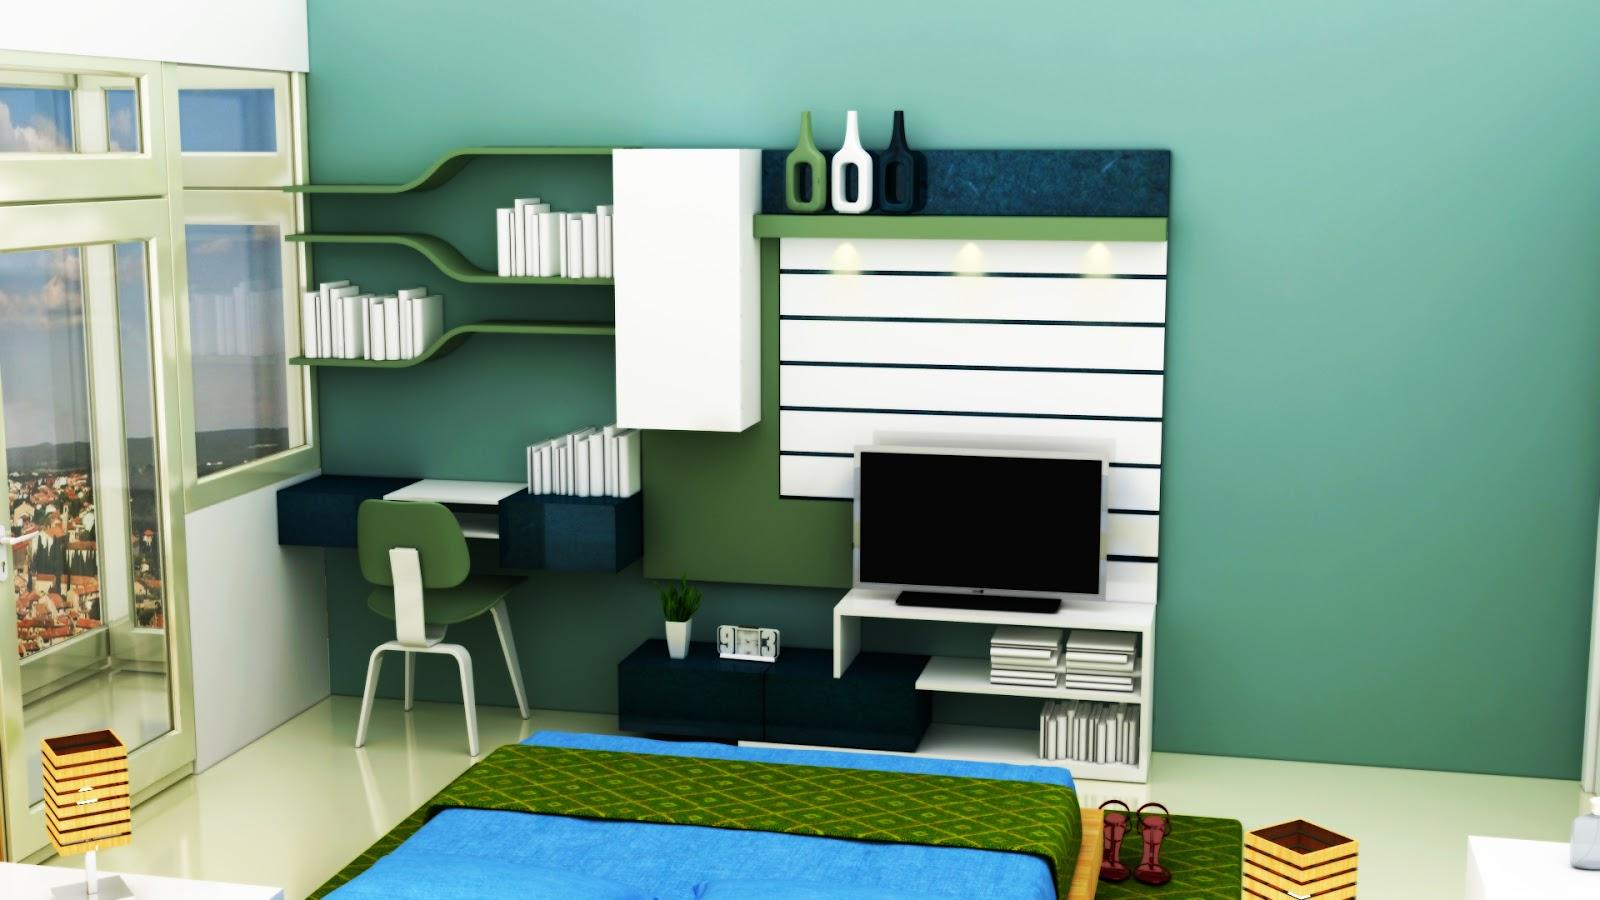 Shahi Design